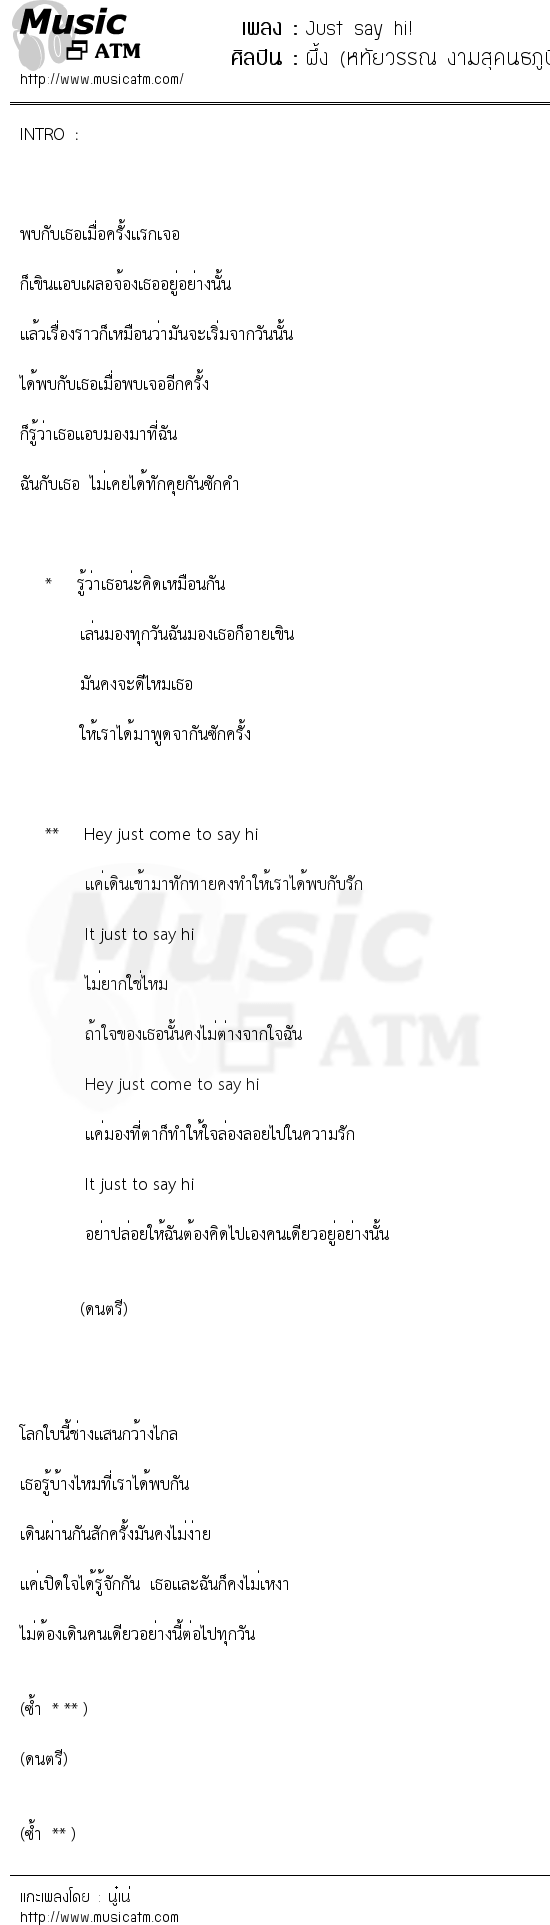 เนื้อเพลง Just say hi! - ผึ้ง (หทัยวรรณ งามสุคนธภูษิต)   เพลงไทย